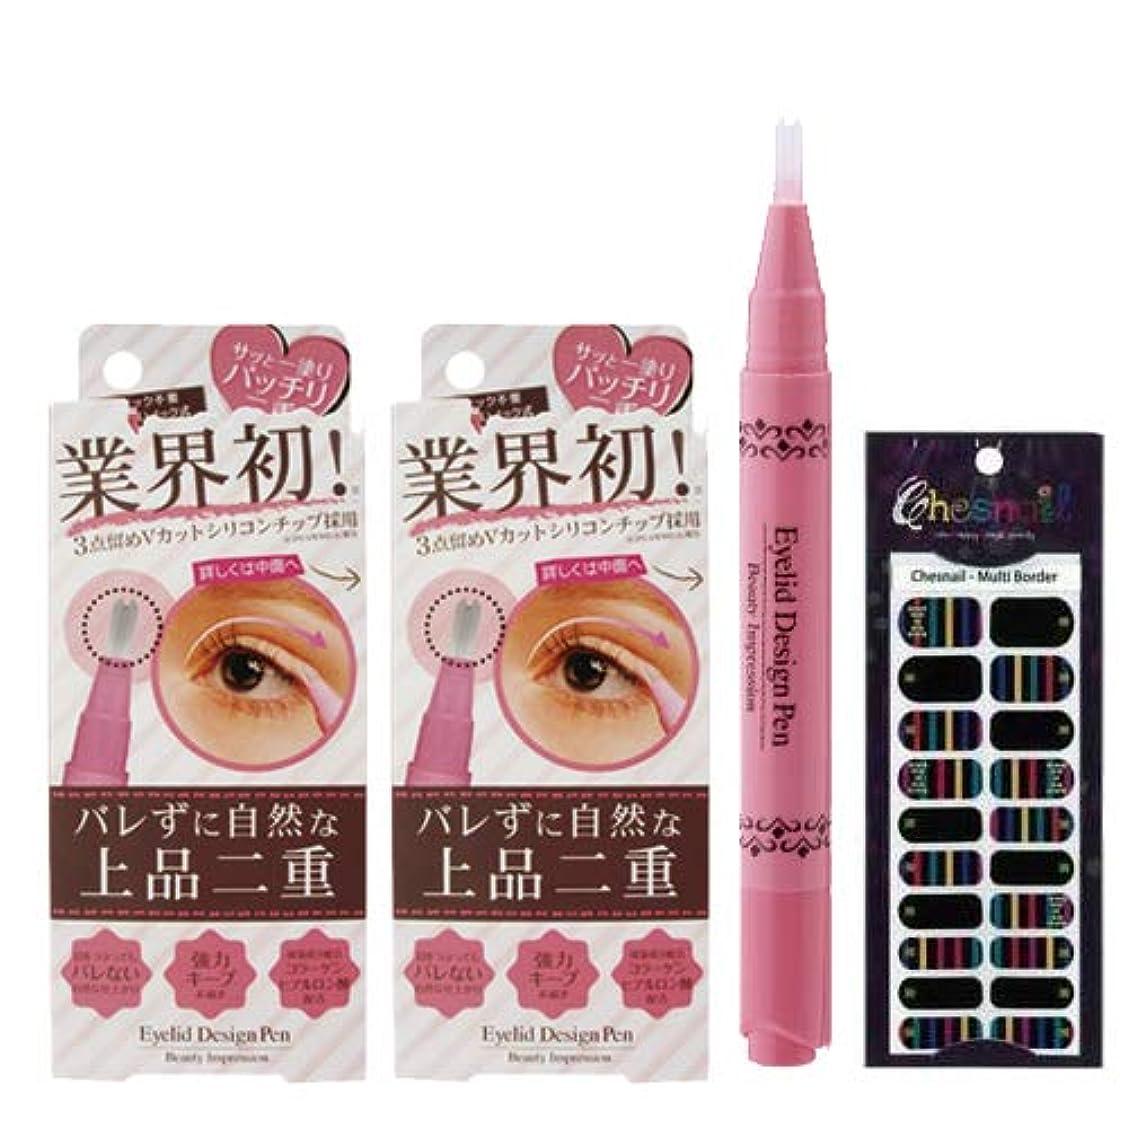 エラースローガン彼女はBeauty Impression アイリッドデザインペン 2ml (二重まぶた形成化粧品) ×2個 + チェスネイル(マルチボーダー)セット